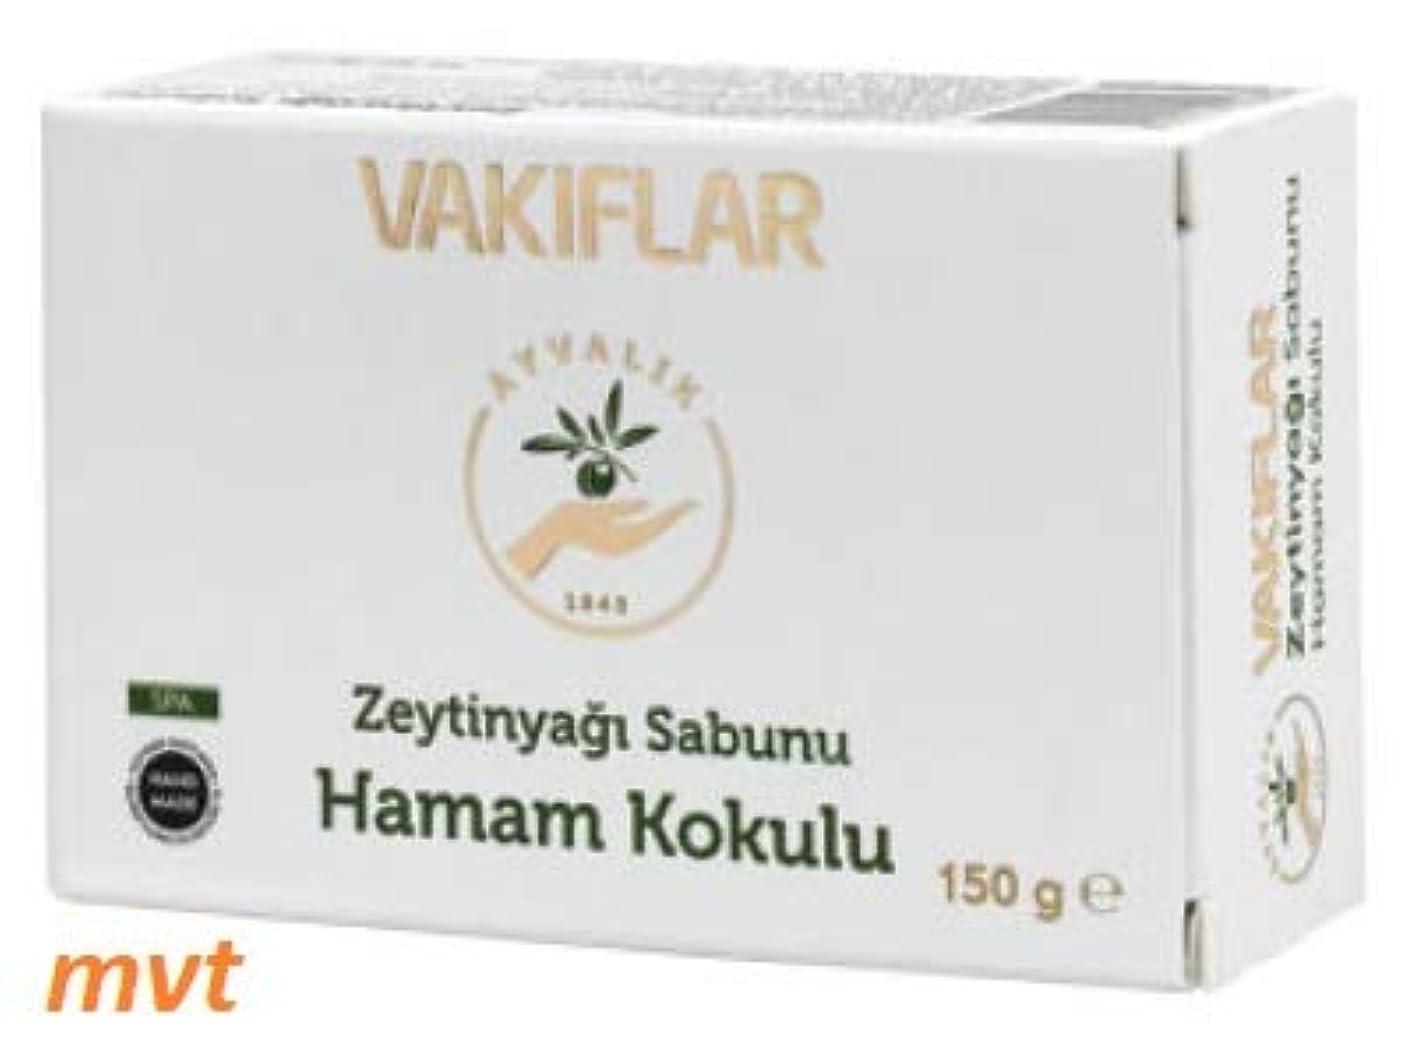 罪何かはっきりとトルコ式バス  ハマム  の香りのオリーブオイル石鹸 150g トルコ - (Hamam kokulu)